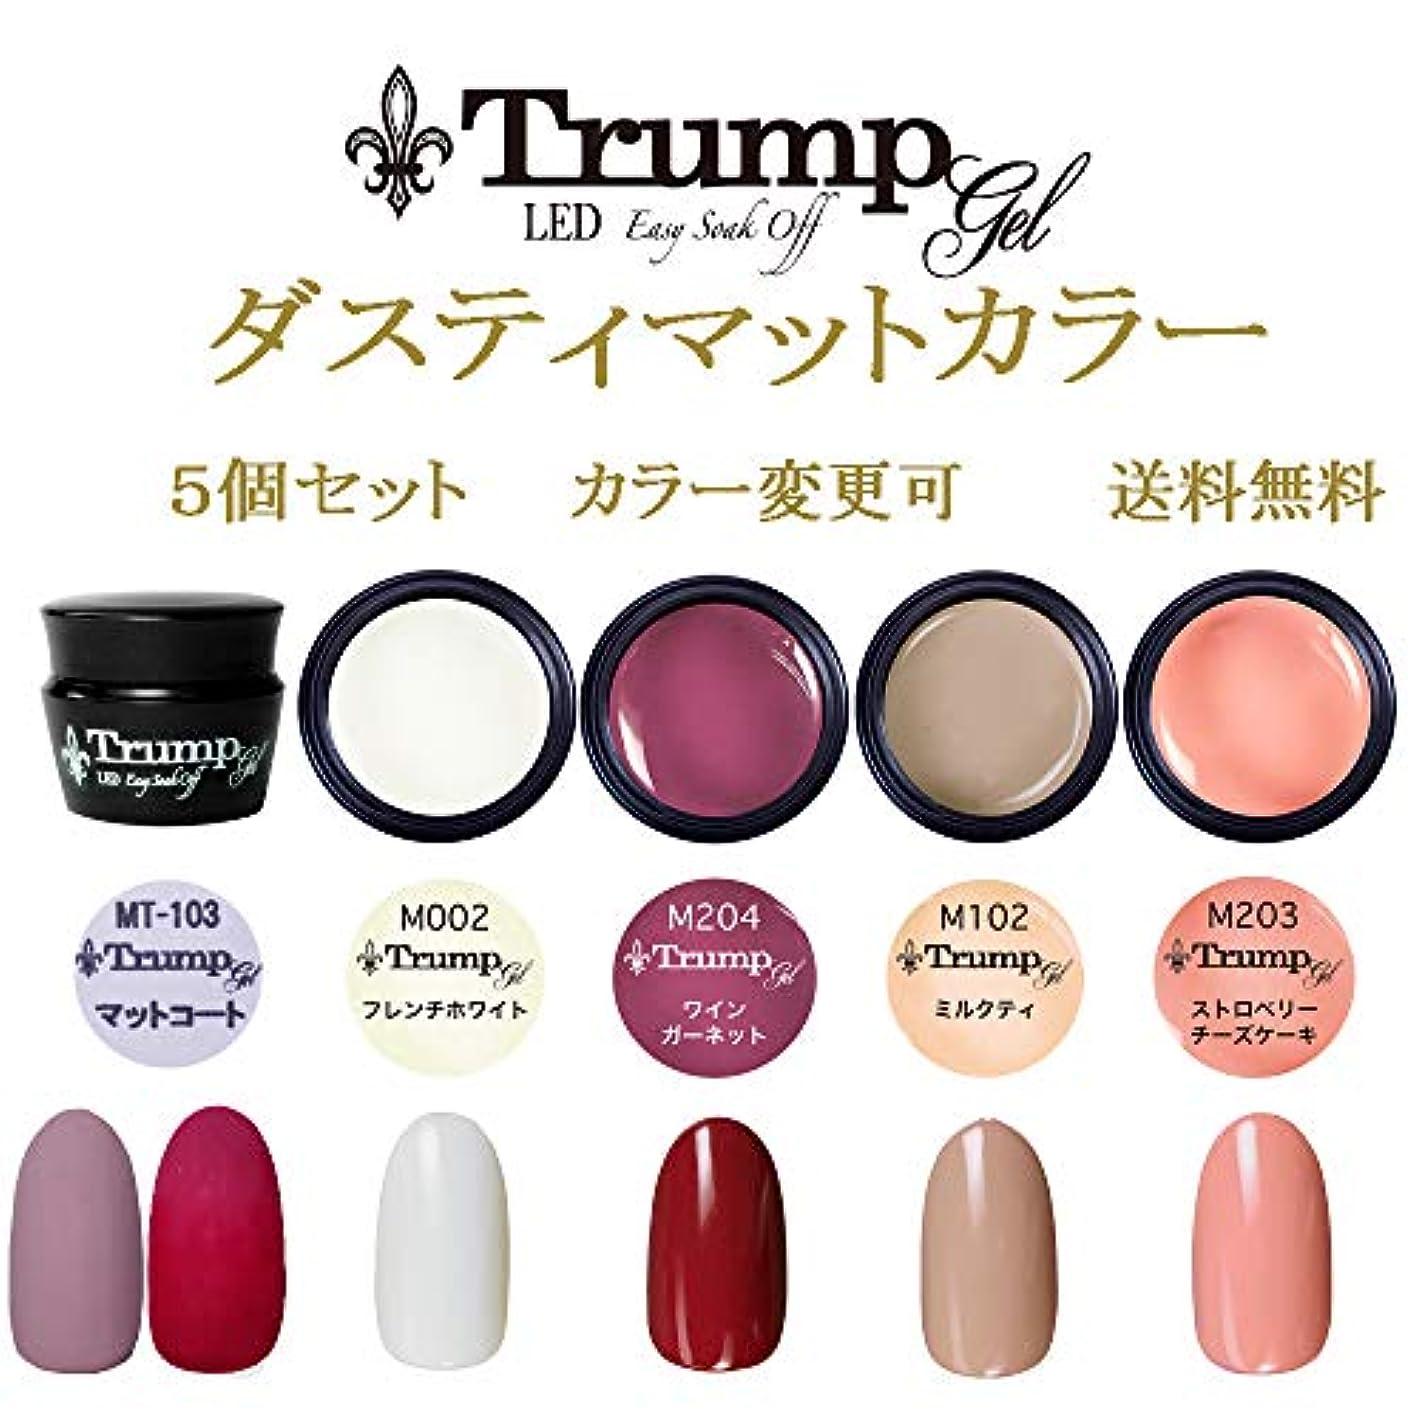 稼ぐしたがってマット【送料無料】日本製 Trump gel トランプジェル ダスティマット カラージェル 5個セット 魅惑のフロストマットトップとマットに合う人気カラーをチョイス